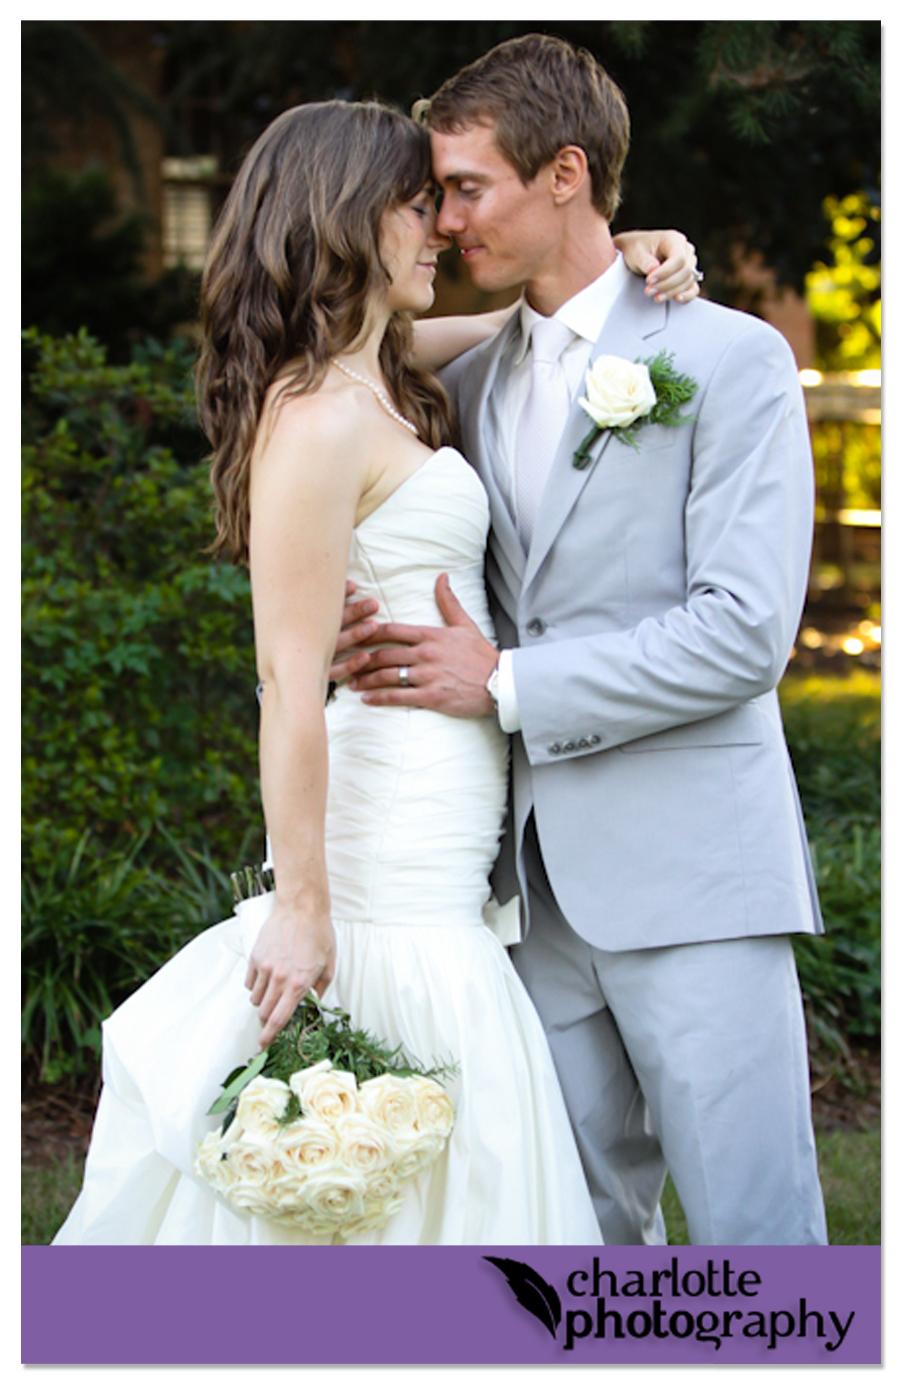 Scott keller wedding